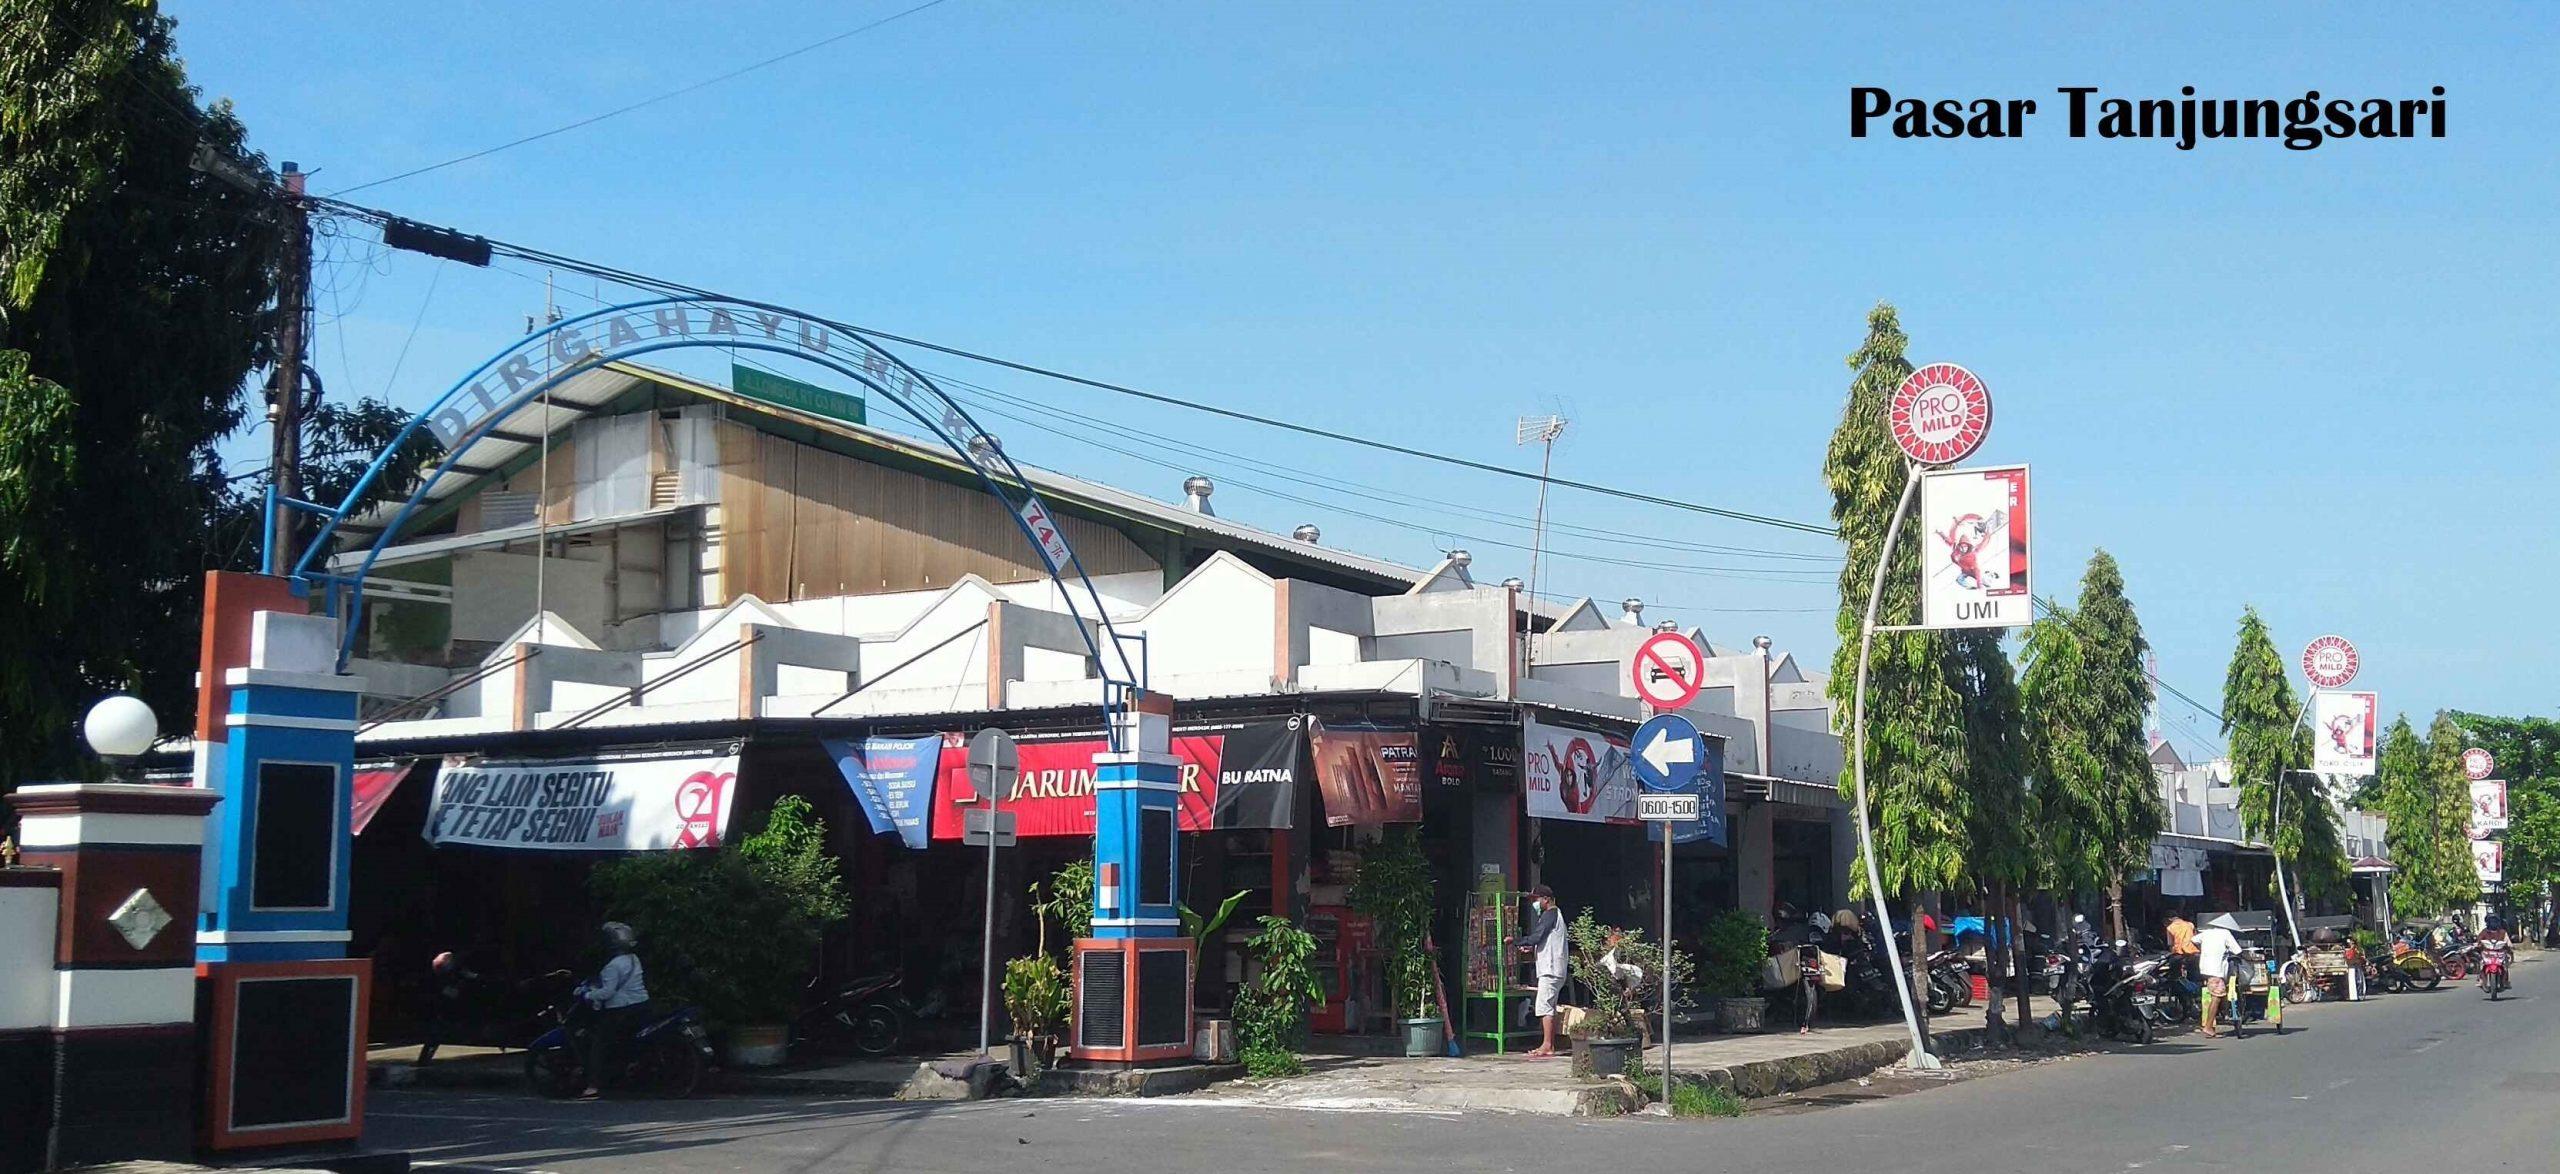 Pasar Tanjungsari